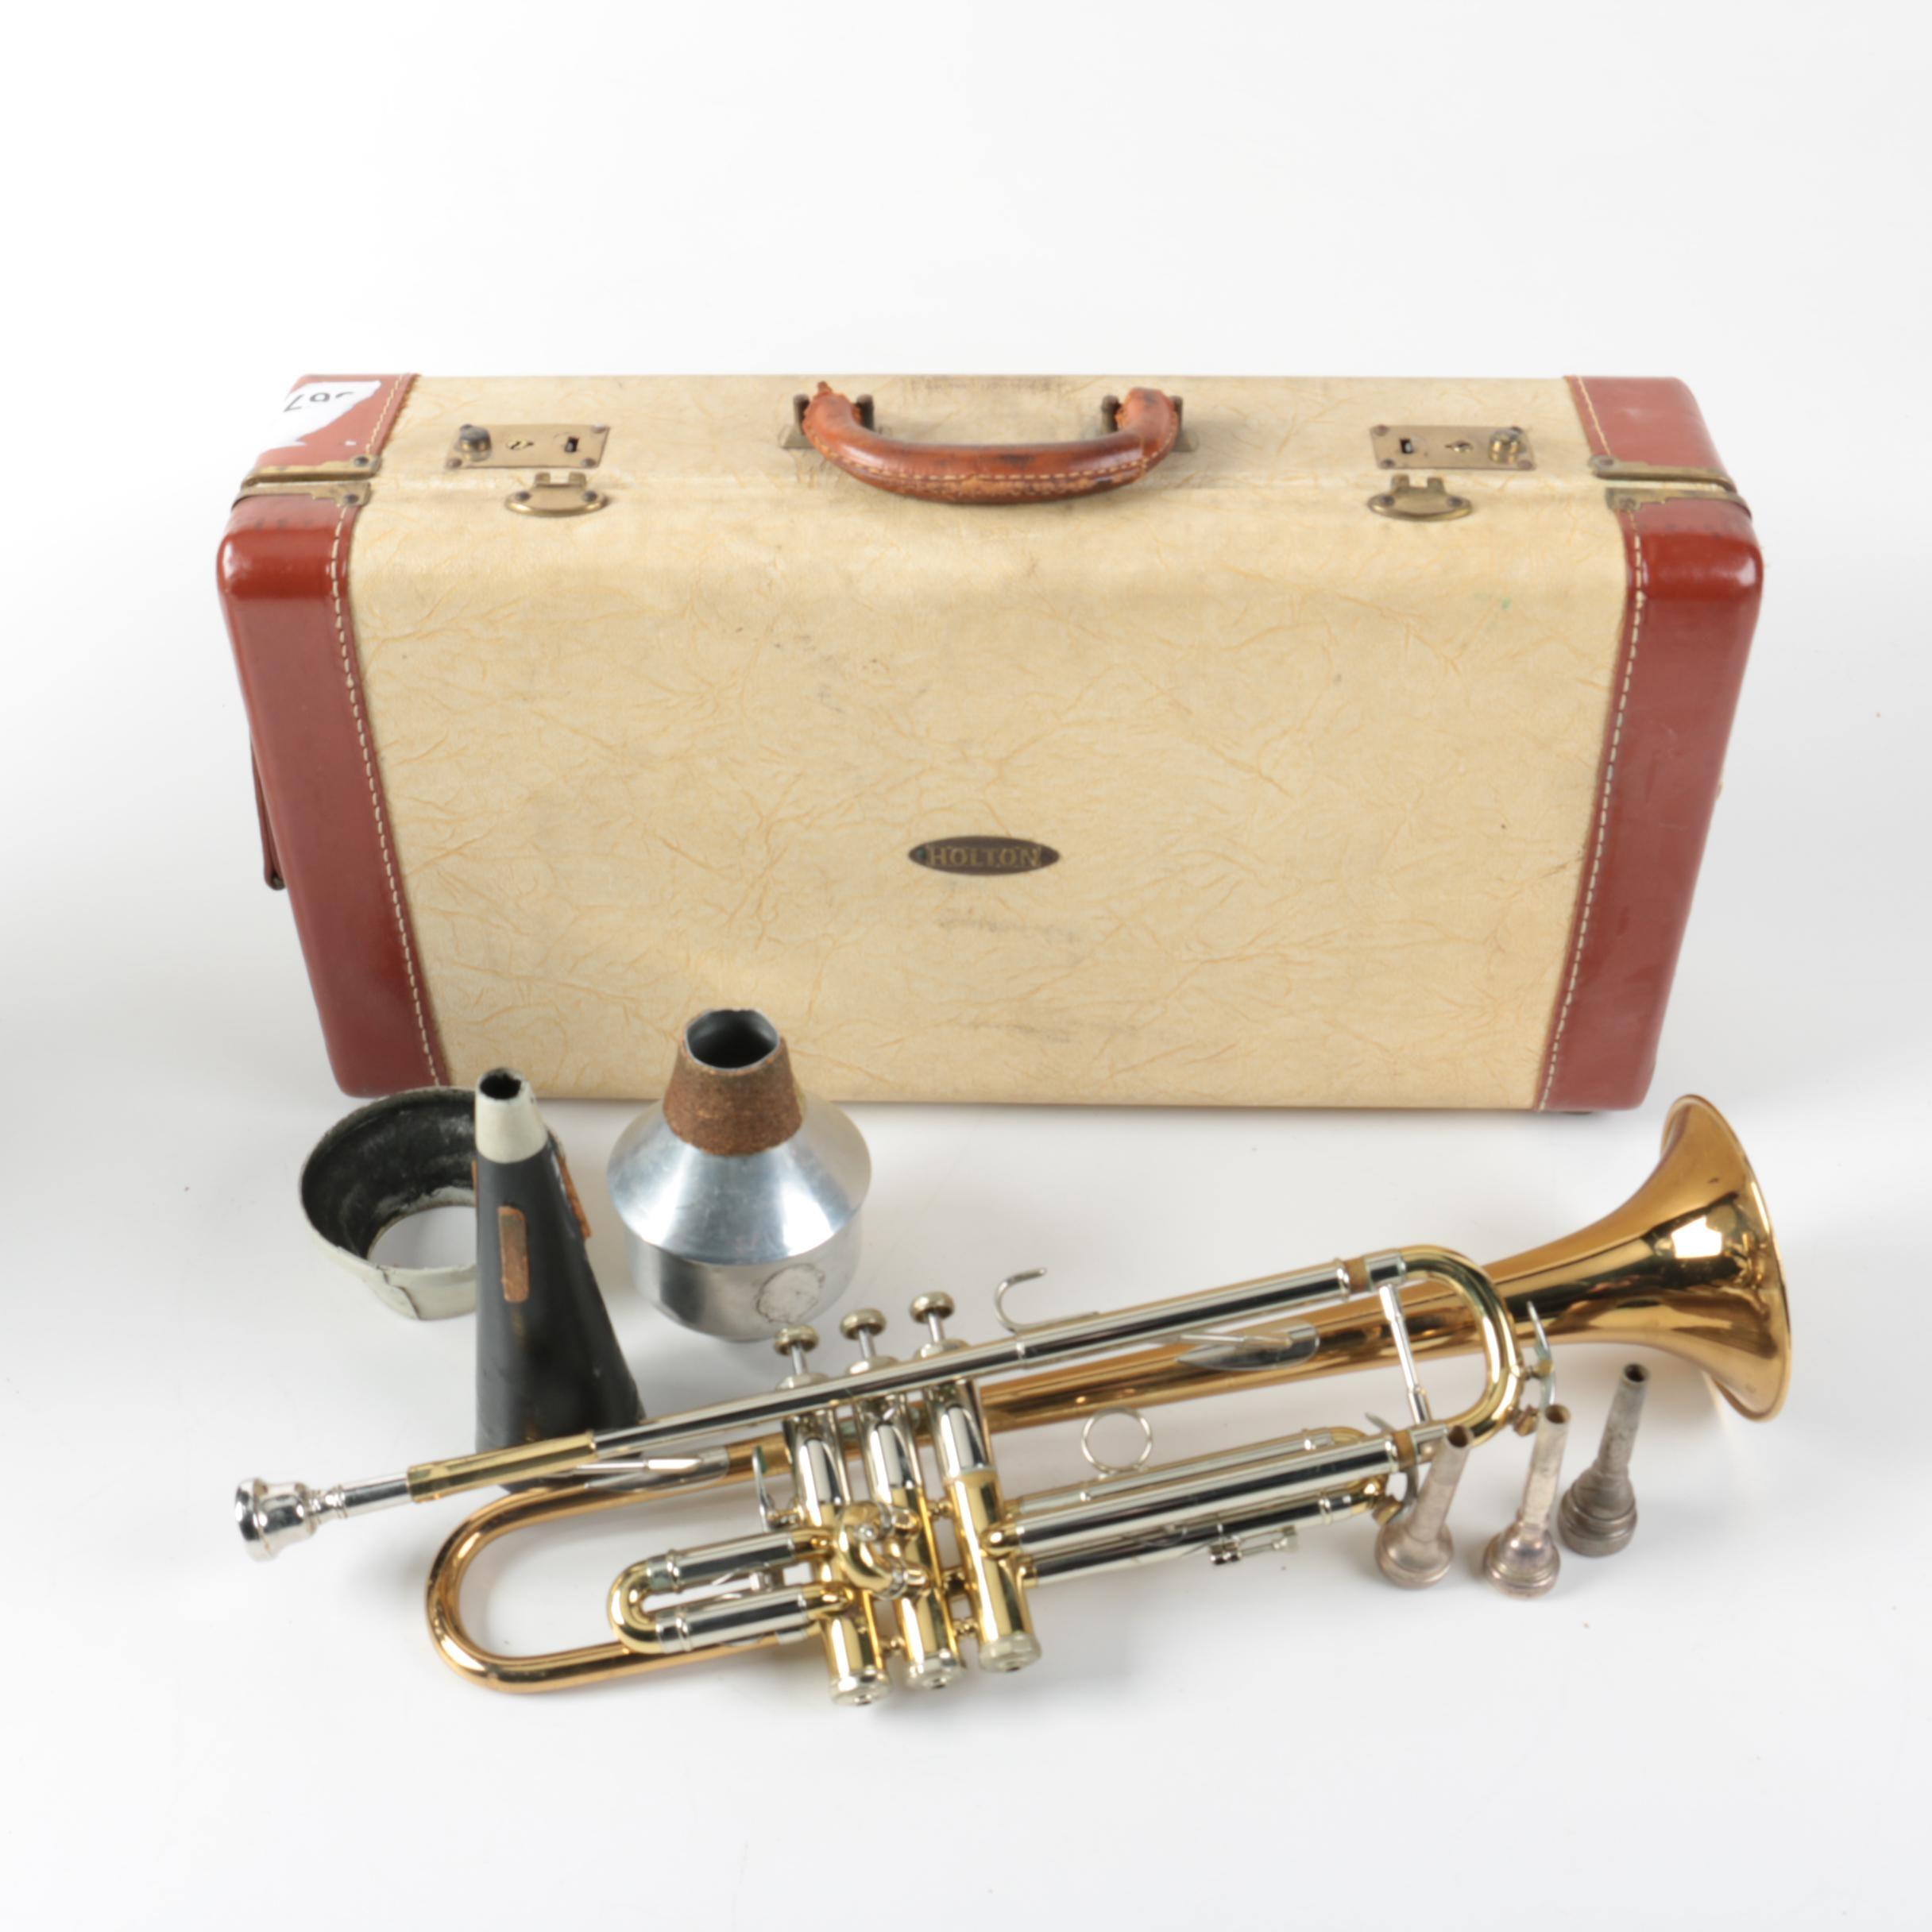 Holton Stratodyne Trumpet